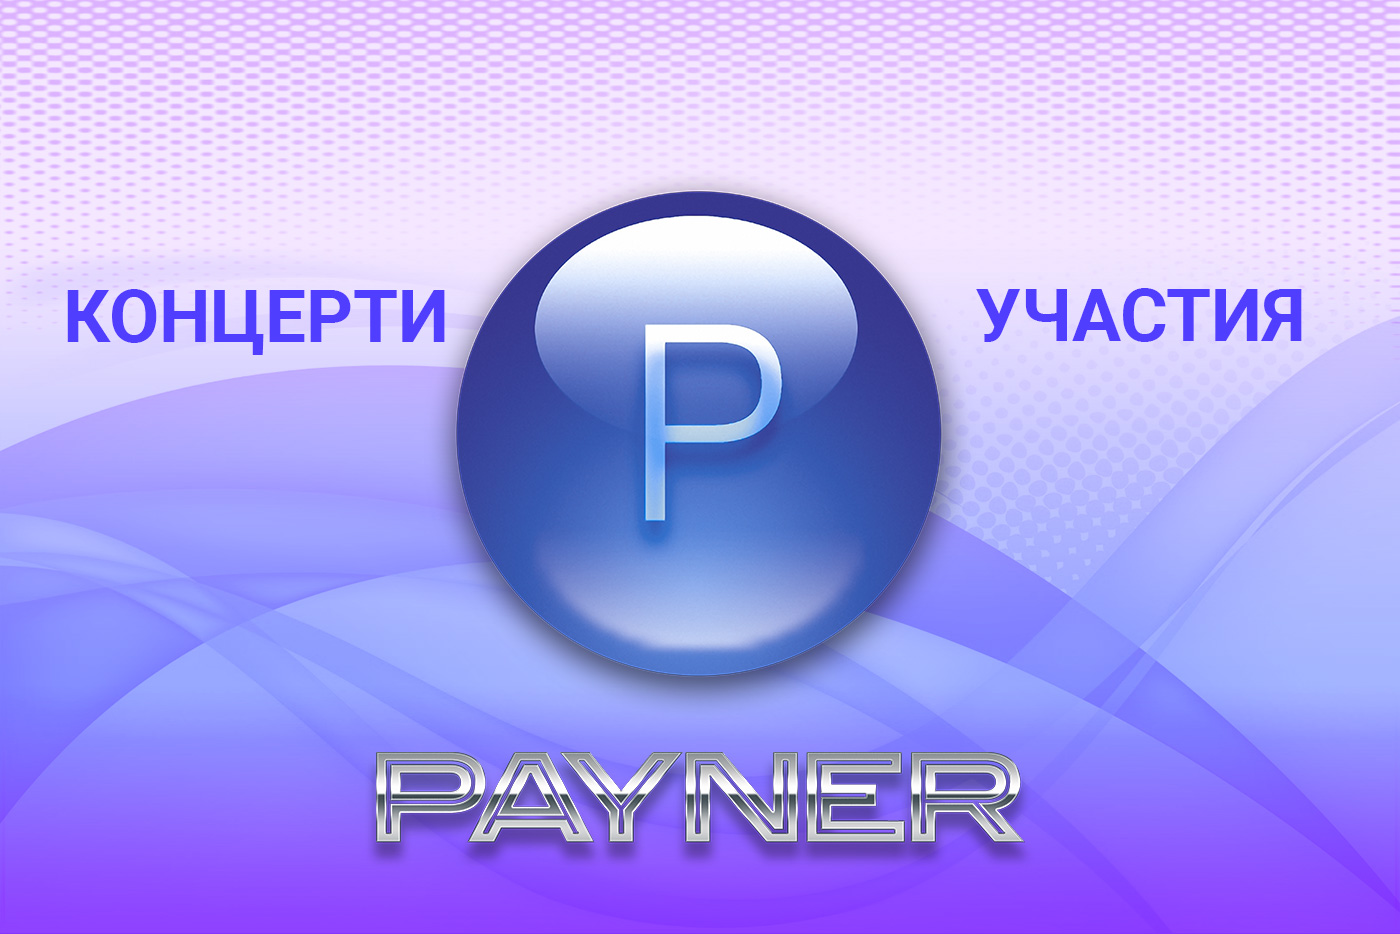 """Участия на звездите на """"Пайнер"""" на 09.10.2019"""